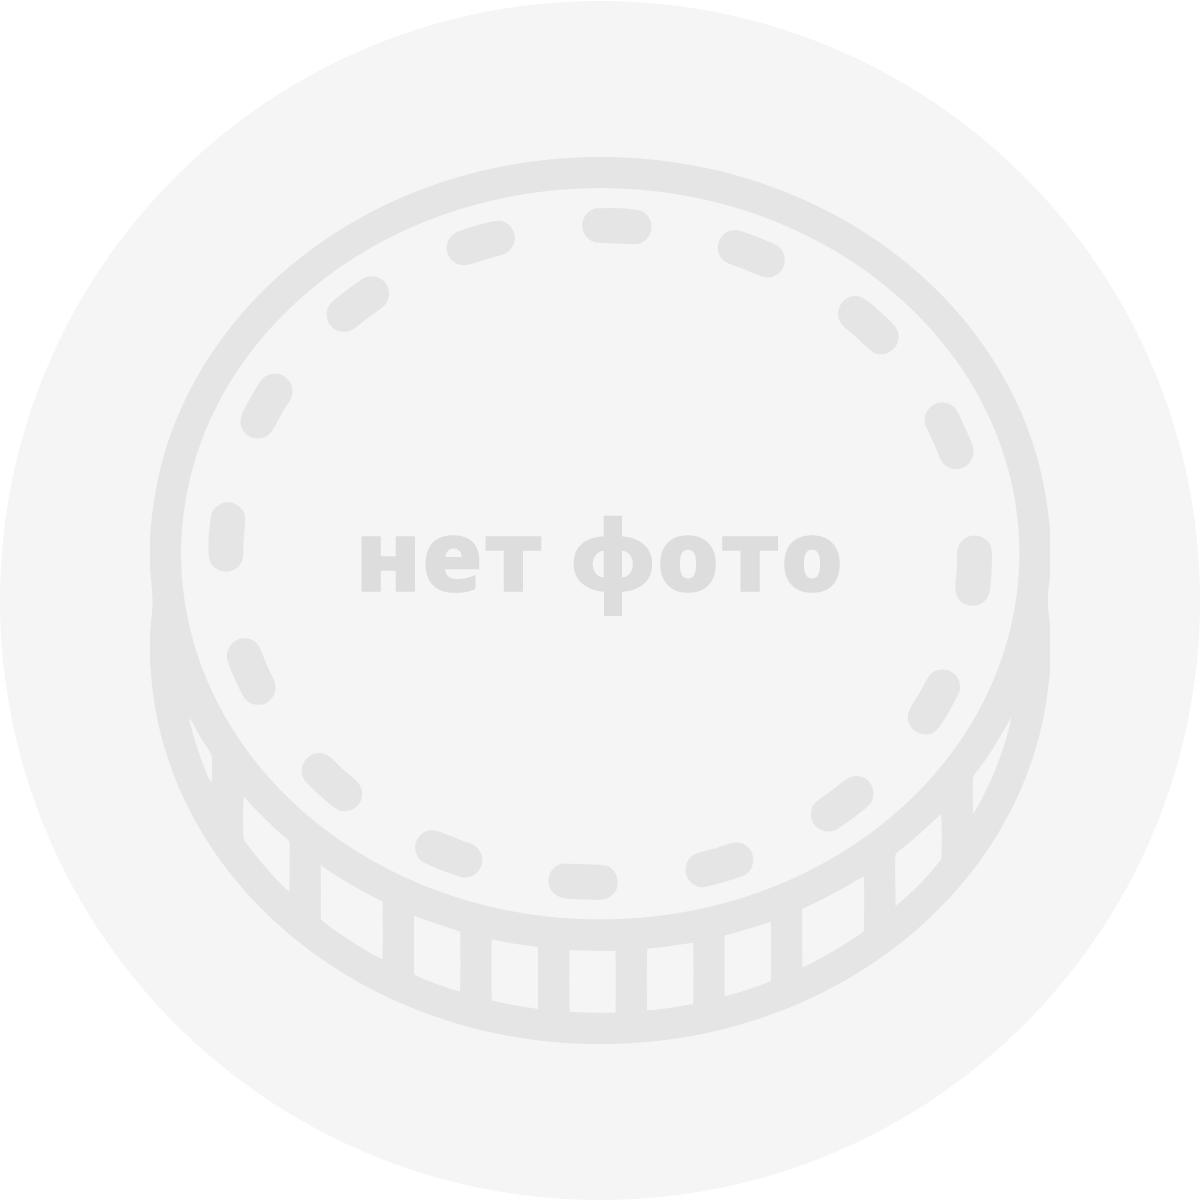 Монета виргинские острова 1 доллар 2002 год золотой юбилей королевы елизаветы ii